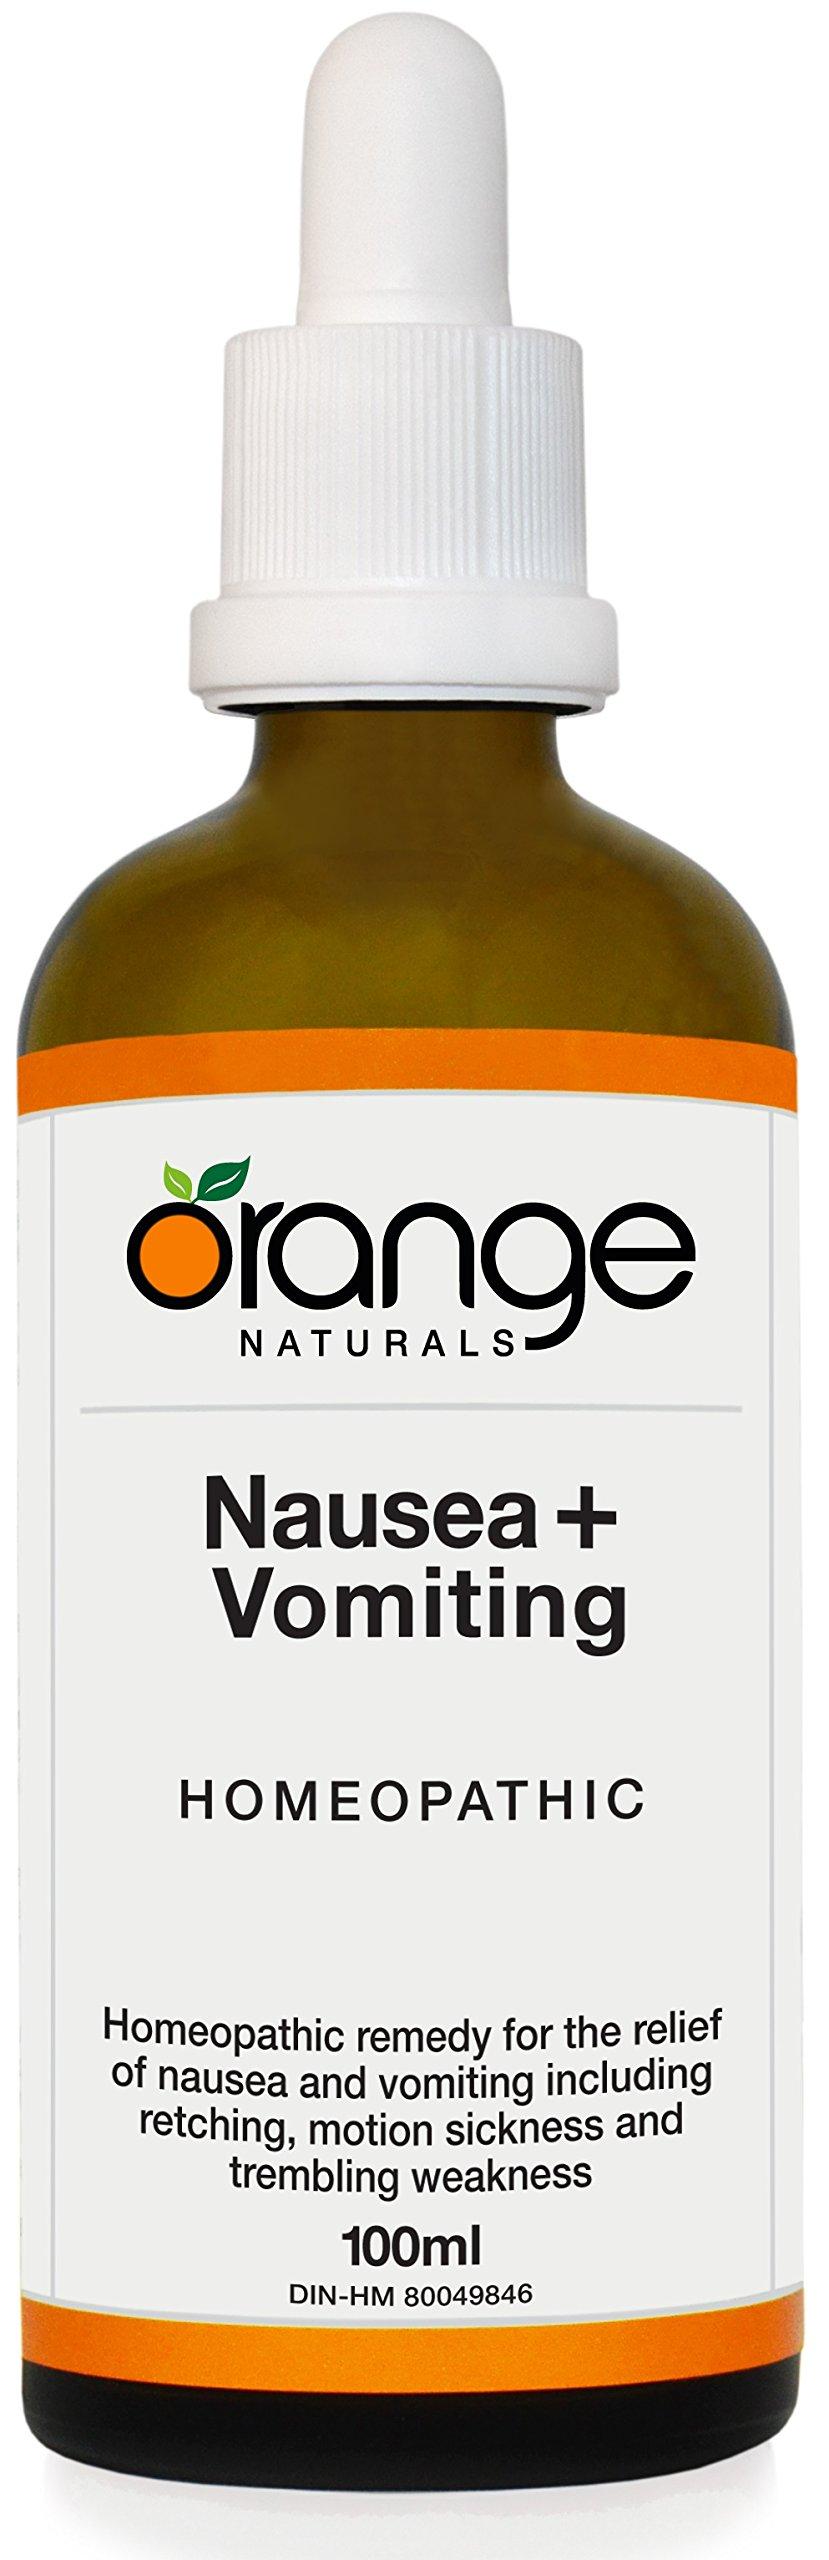 Orange Naturals Homeopathic Nausea + Vomiting, 100 ml